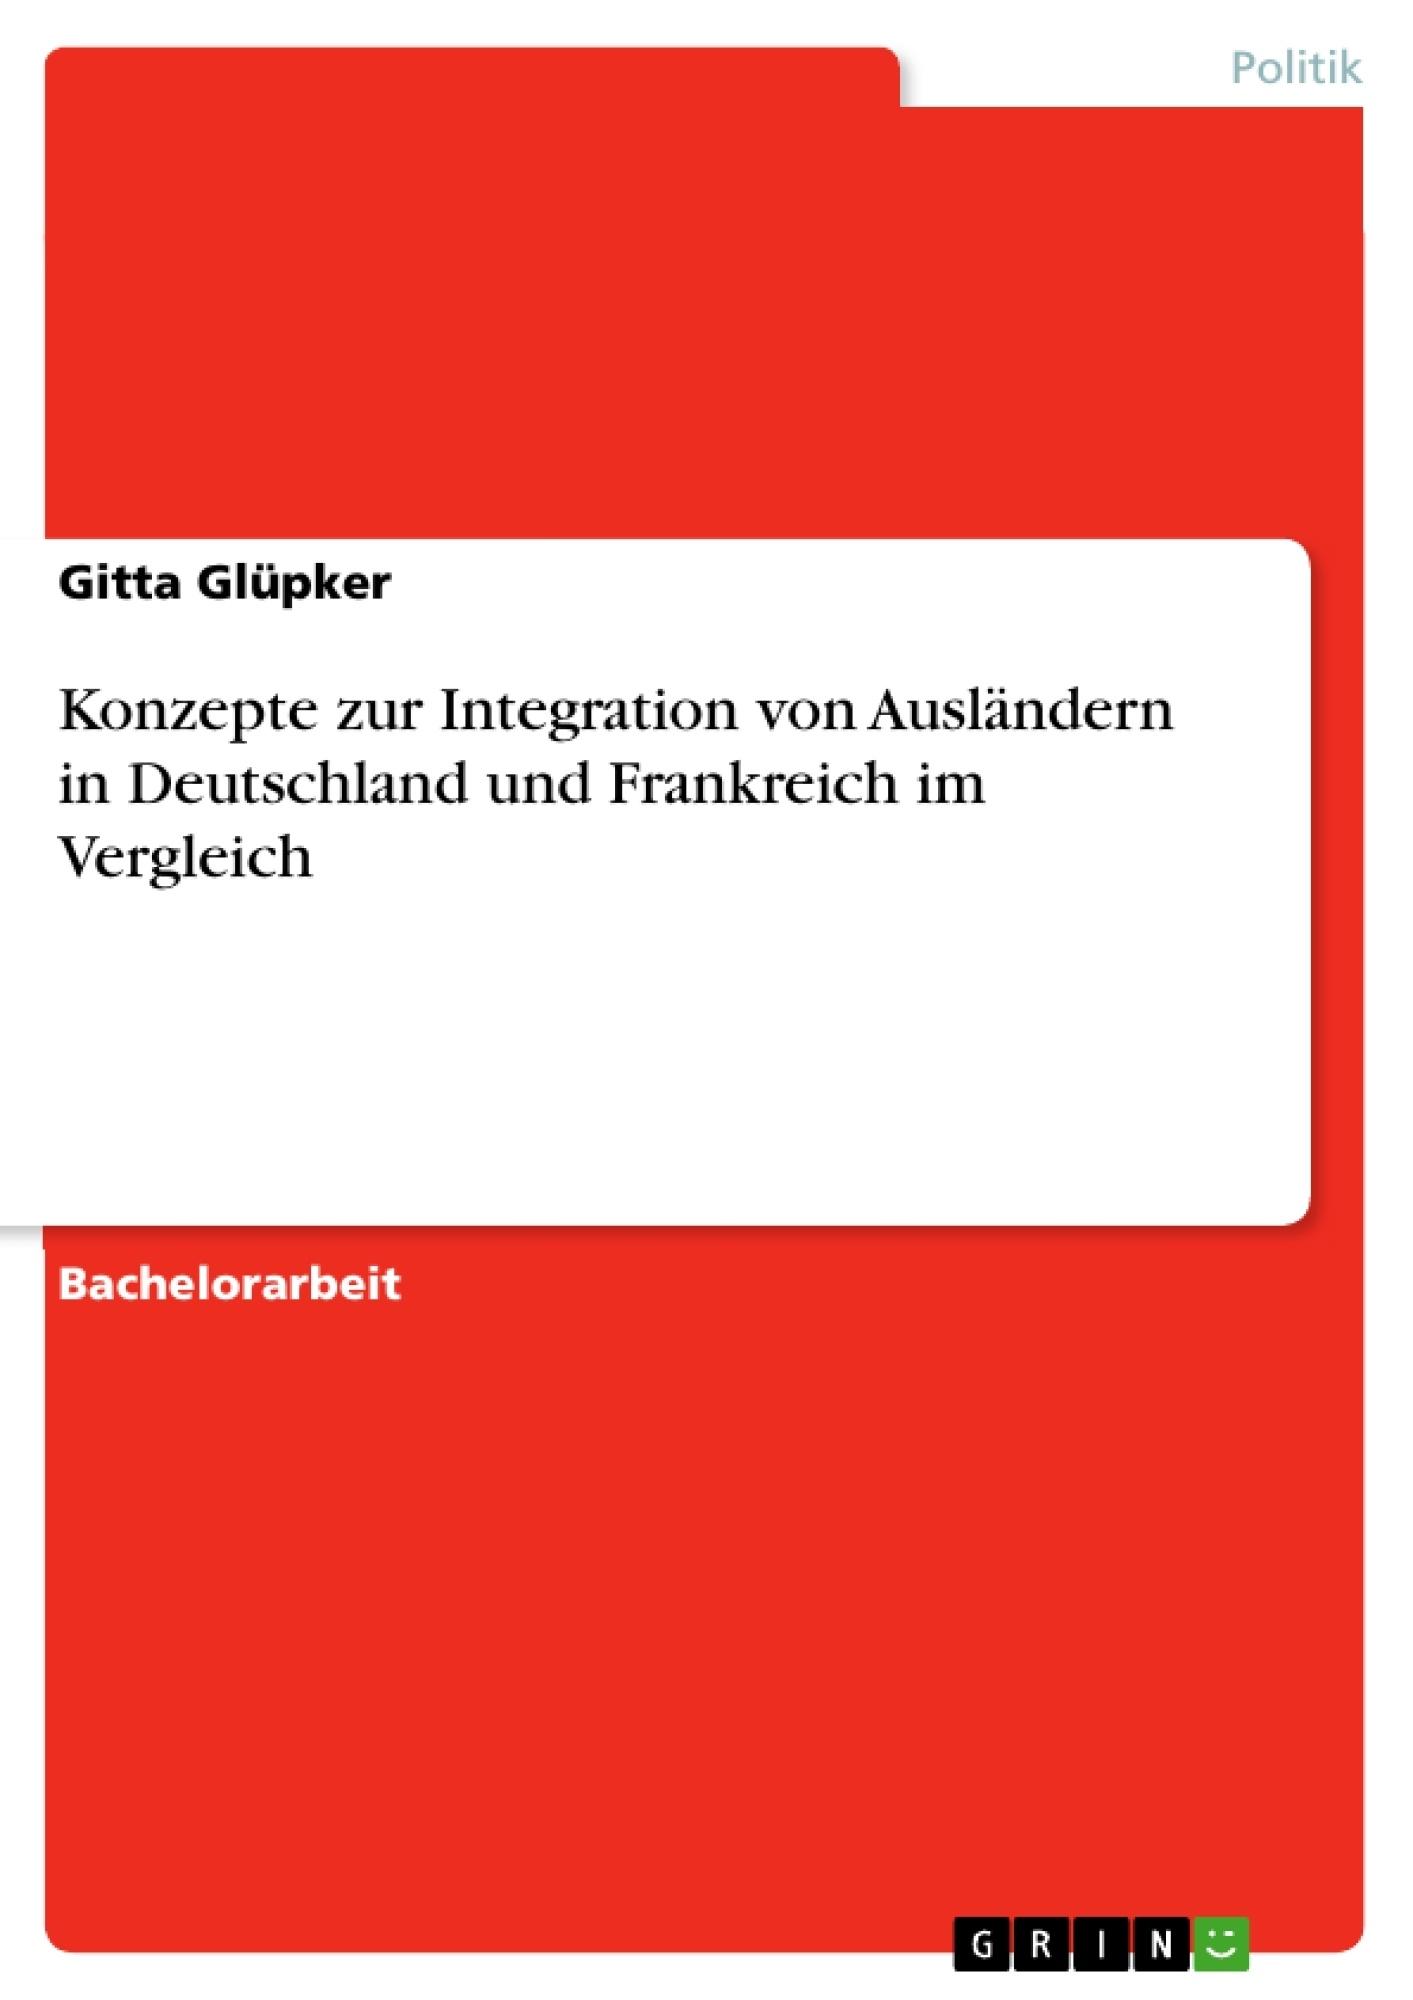 Titel: Konzepte zur Integration von Ausländern in Deutschland und Frankreich im Vergleich